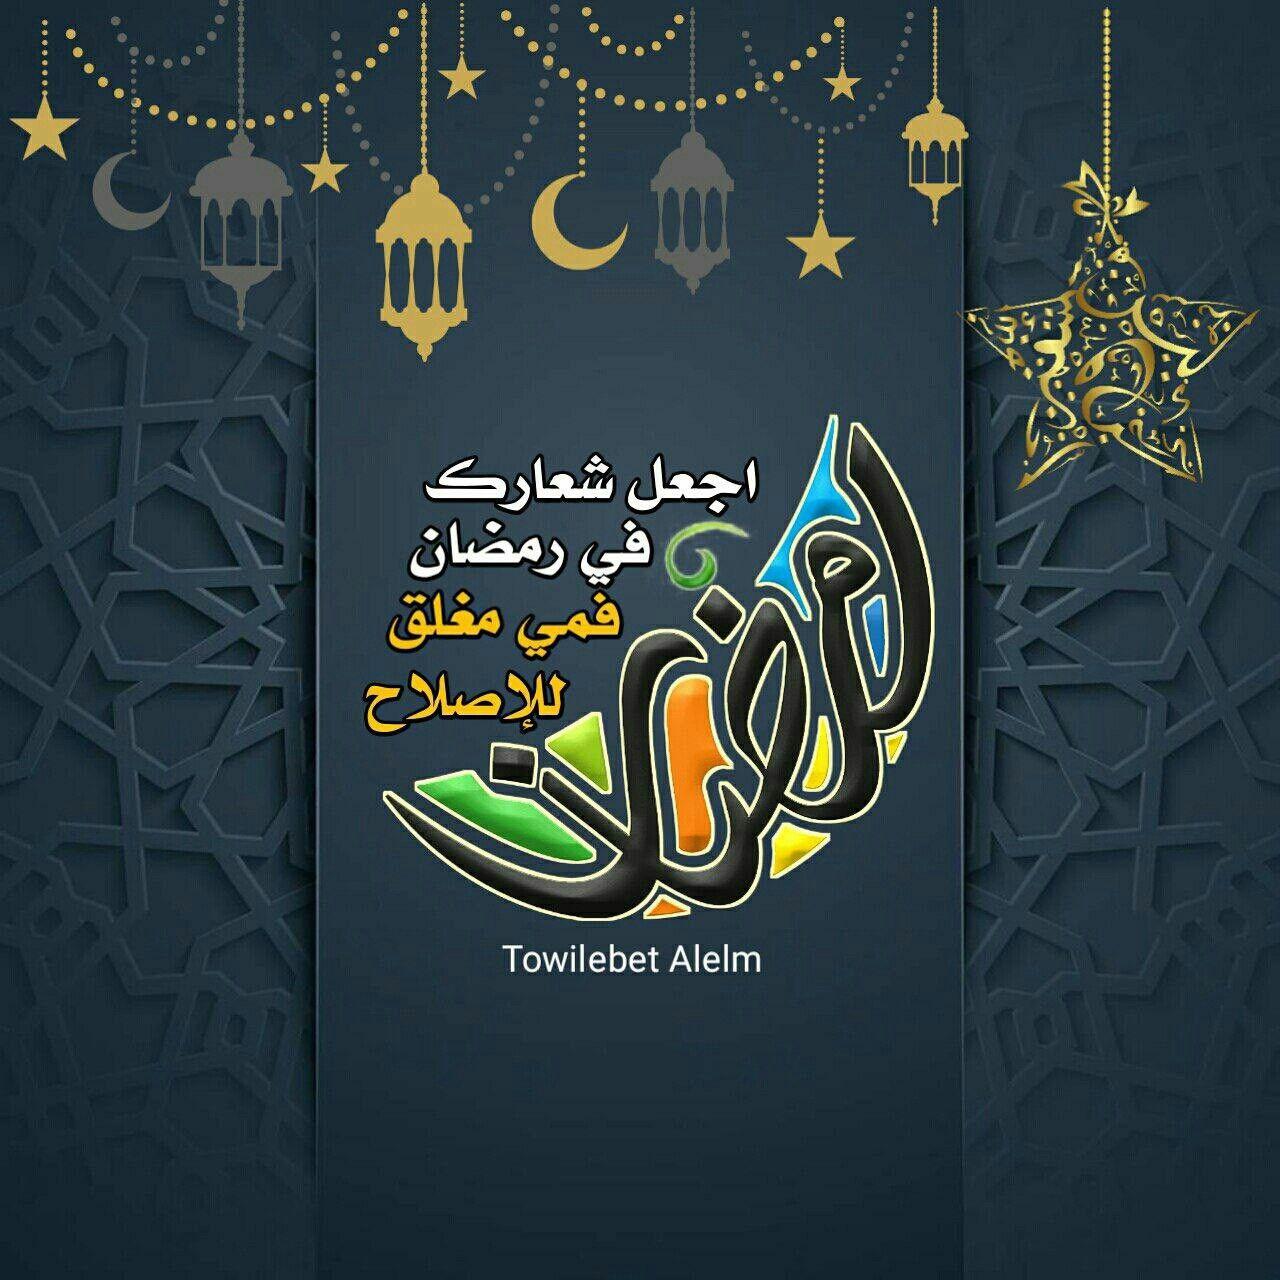 Pin By رحمة عبد الهادي On أجيب دعوة الداعي Ramadan Decorations Ramadan Kareem Ramadan